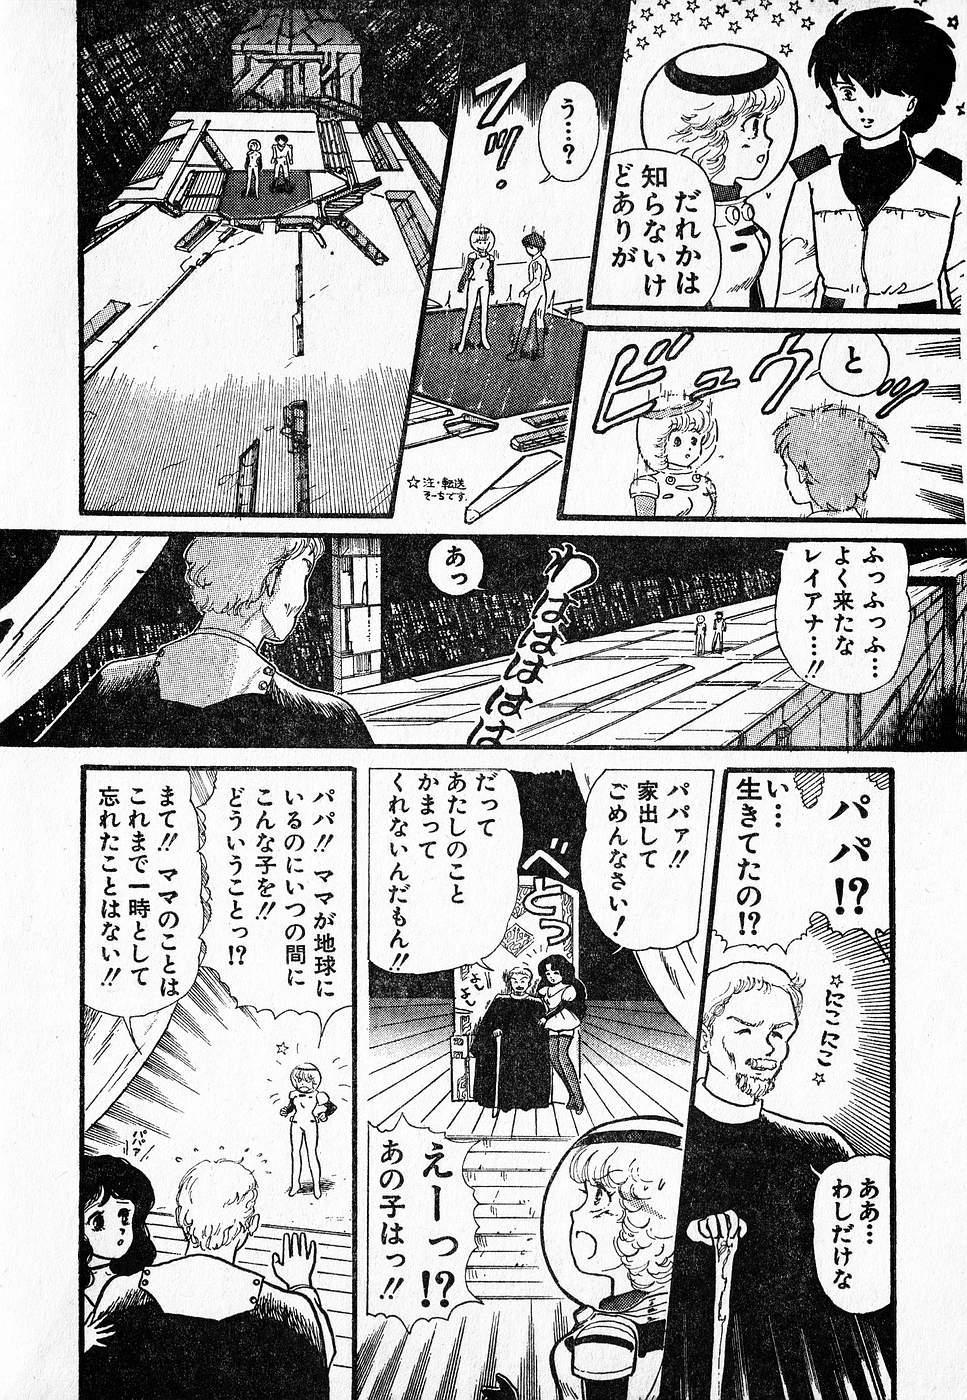 COMIC Lolipop 1985-10 Soukanjunbigou Aki 139